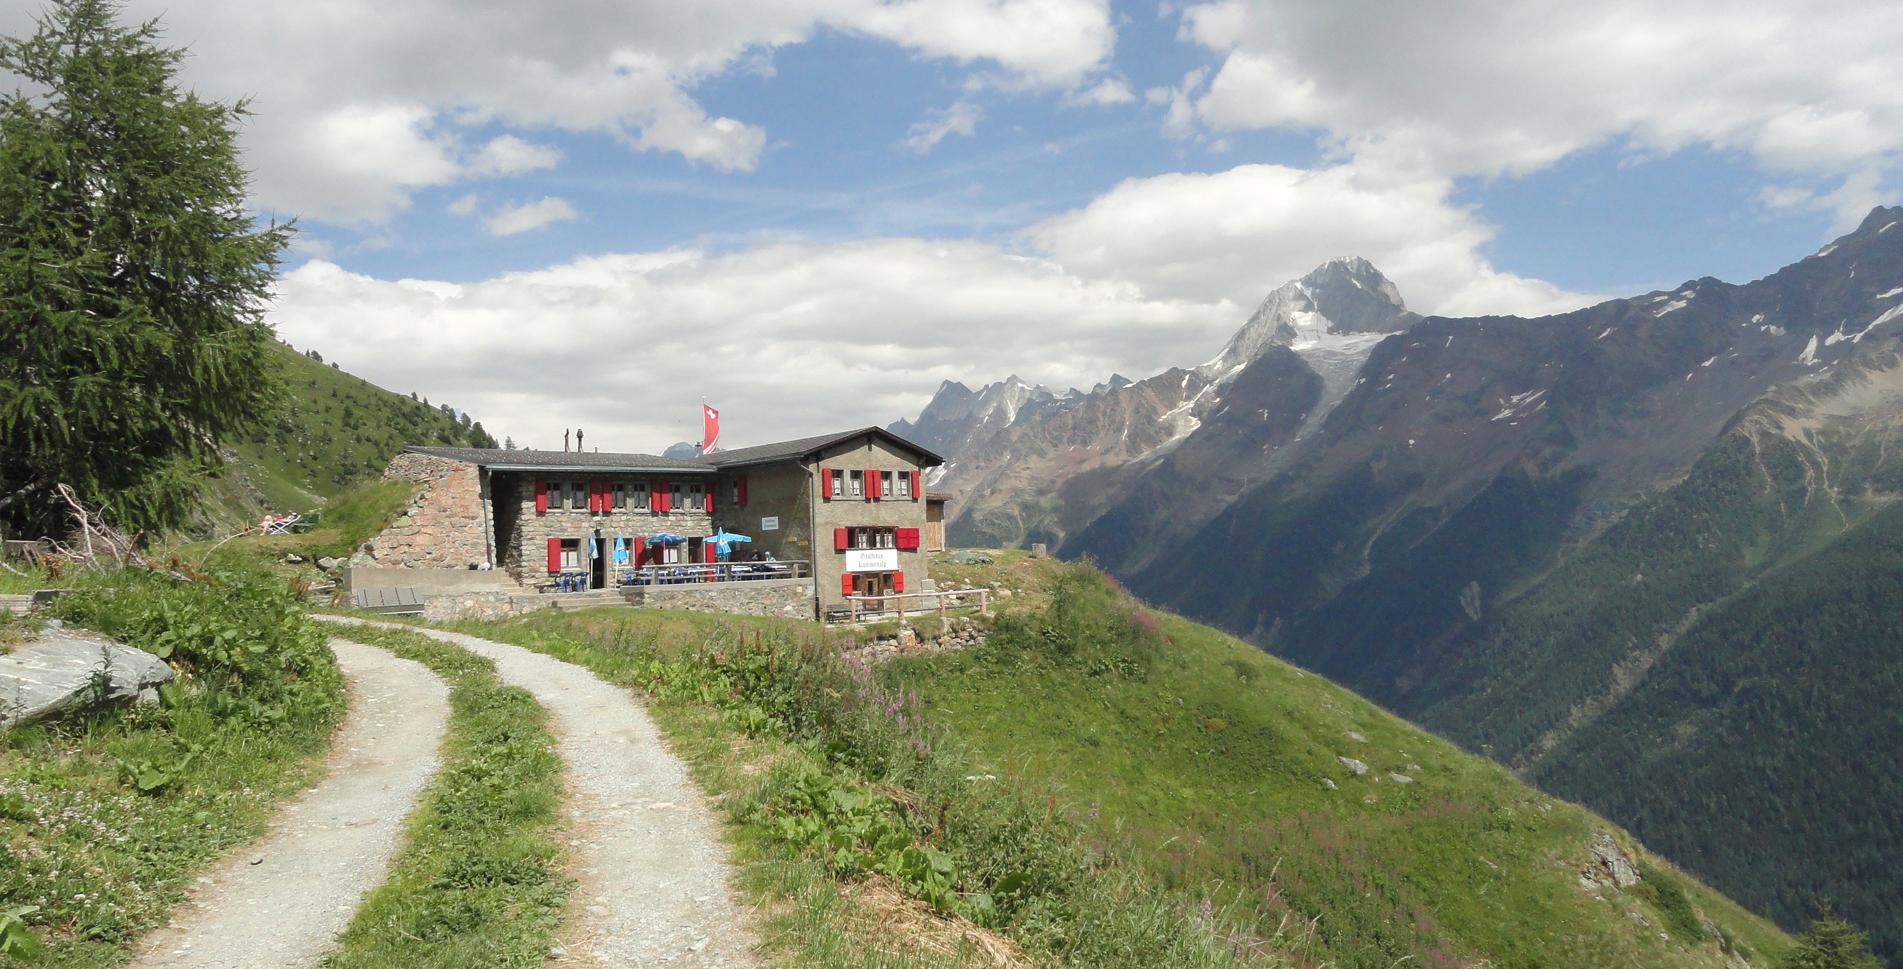 Wanderung von der Rinderhütte oberhalb Leukerbad auf dem Panoramaweg via Wysse See, Restipass, Restialp zur Kummenalp im Lötschental und weiter via Stierstutz auf den Lötschepass / Lötschenpass und zur Lötschehütte / Lötschenhütte und weiter auf dem Lötschberg-Panoramaweg auf den Lötschegletscher / Lötschengletscher und via Balme, Gfelalp nach Selden im Gasterntal / Gasterental